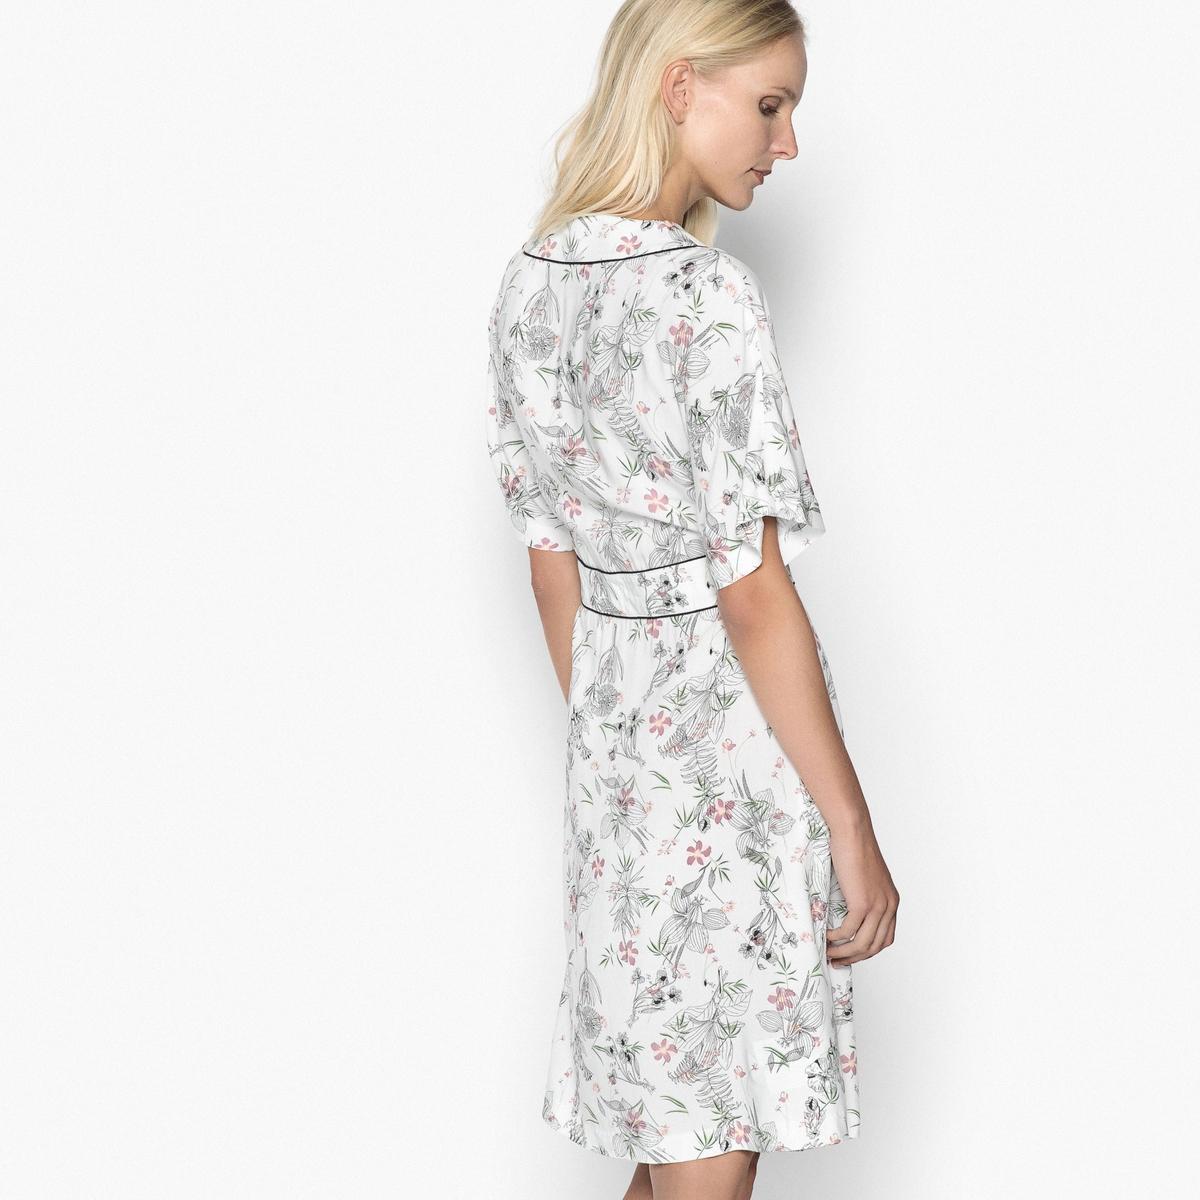 Платье средней длины расклешенное с рисункомОписание:Великолепное женственное платье с запахом. V-образный вырез с кантом контрастного цвета. Рукава-кимоно до локтей. Детали •  Форма : расклешенная •  Длина до колен •  Рукава 3/4    •   V-образный вырез •  Рисунок-принтСостав и уход •  100% вискоза  •  Температура стирки 30° на деликатном режиме   •  Сухая чистка и отбеливатели запрещены •  Не использовать барабанную сушку •  Низкая температура глажки •  Вставка на поясе спереди и сзади, отделка контрастной бейкой. Застежка на скрытую молнию сбоку.  •  Длина  : 99 см<br><br>Цвет: рисунок/фон экрю<br>Размер: 46 (FR) - 52 (RUS).44 (FR) - 50 (RUS).42 (FR) - 48 (RUS)